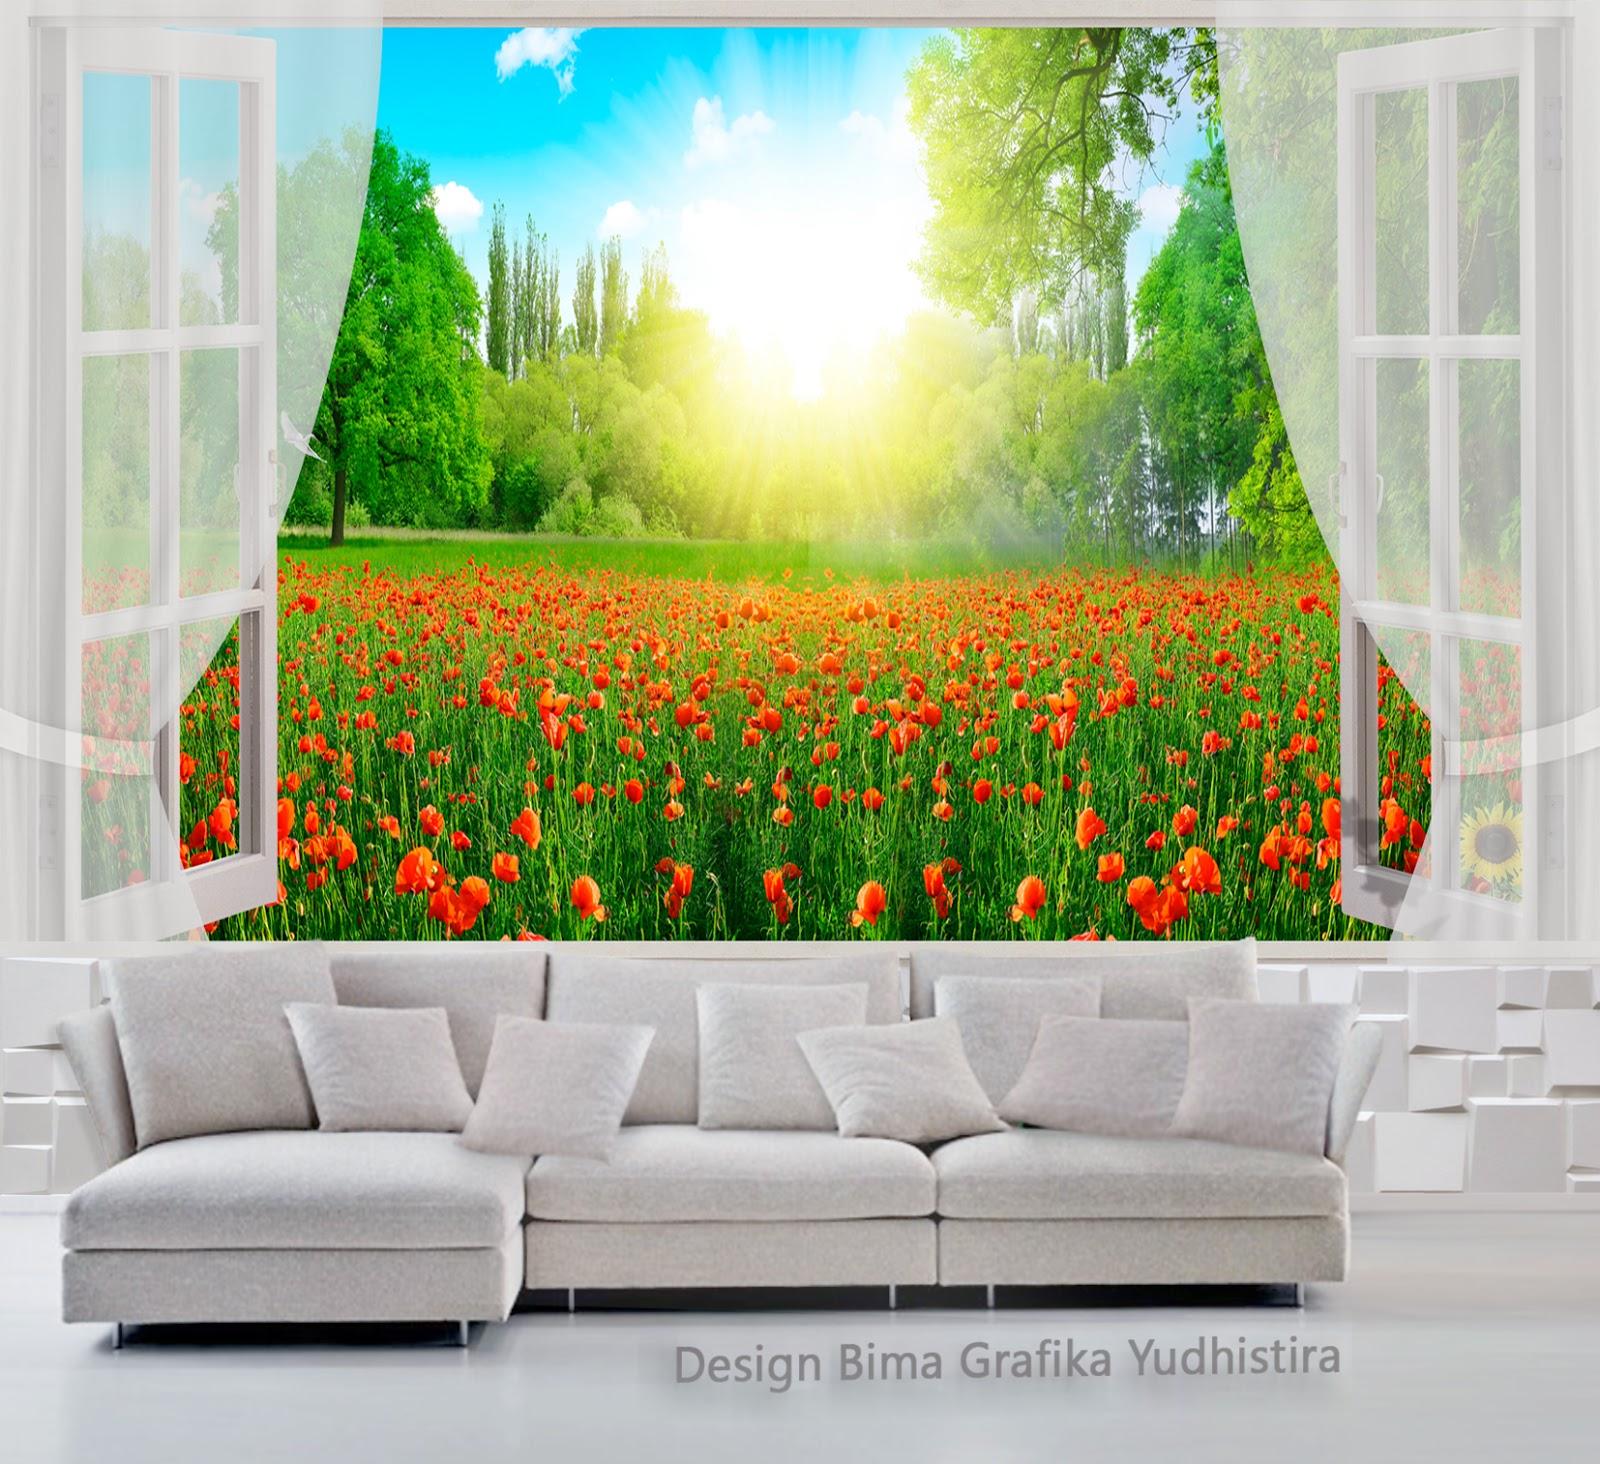 Download 500 Koleksi Wallpaper Dinding 3d Gratis Terbaik